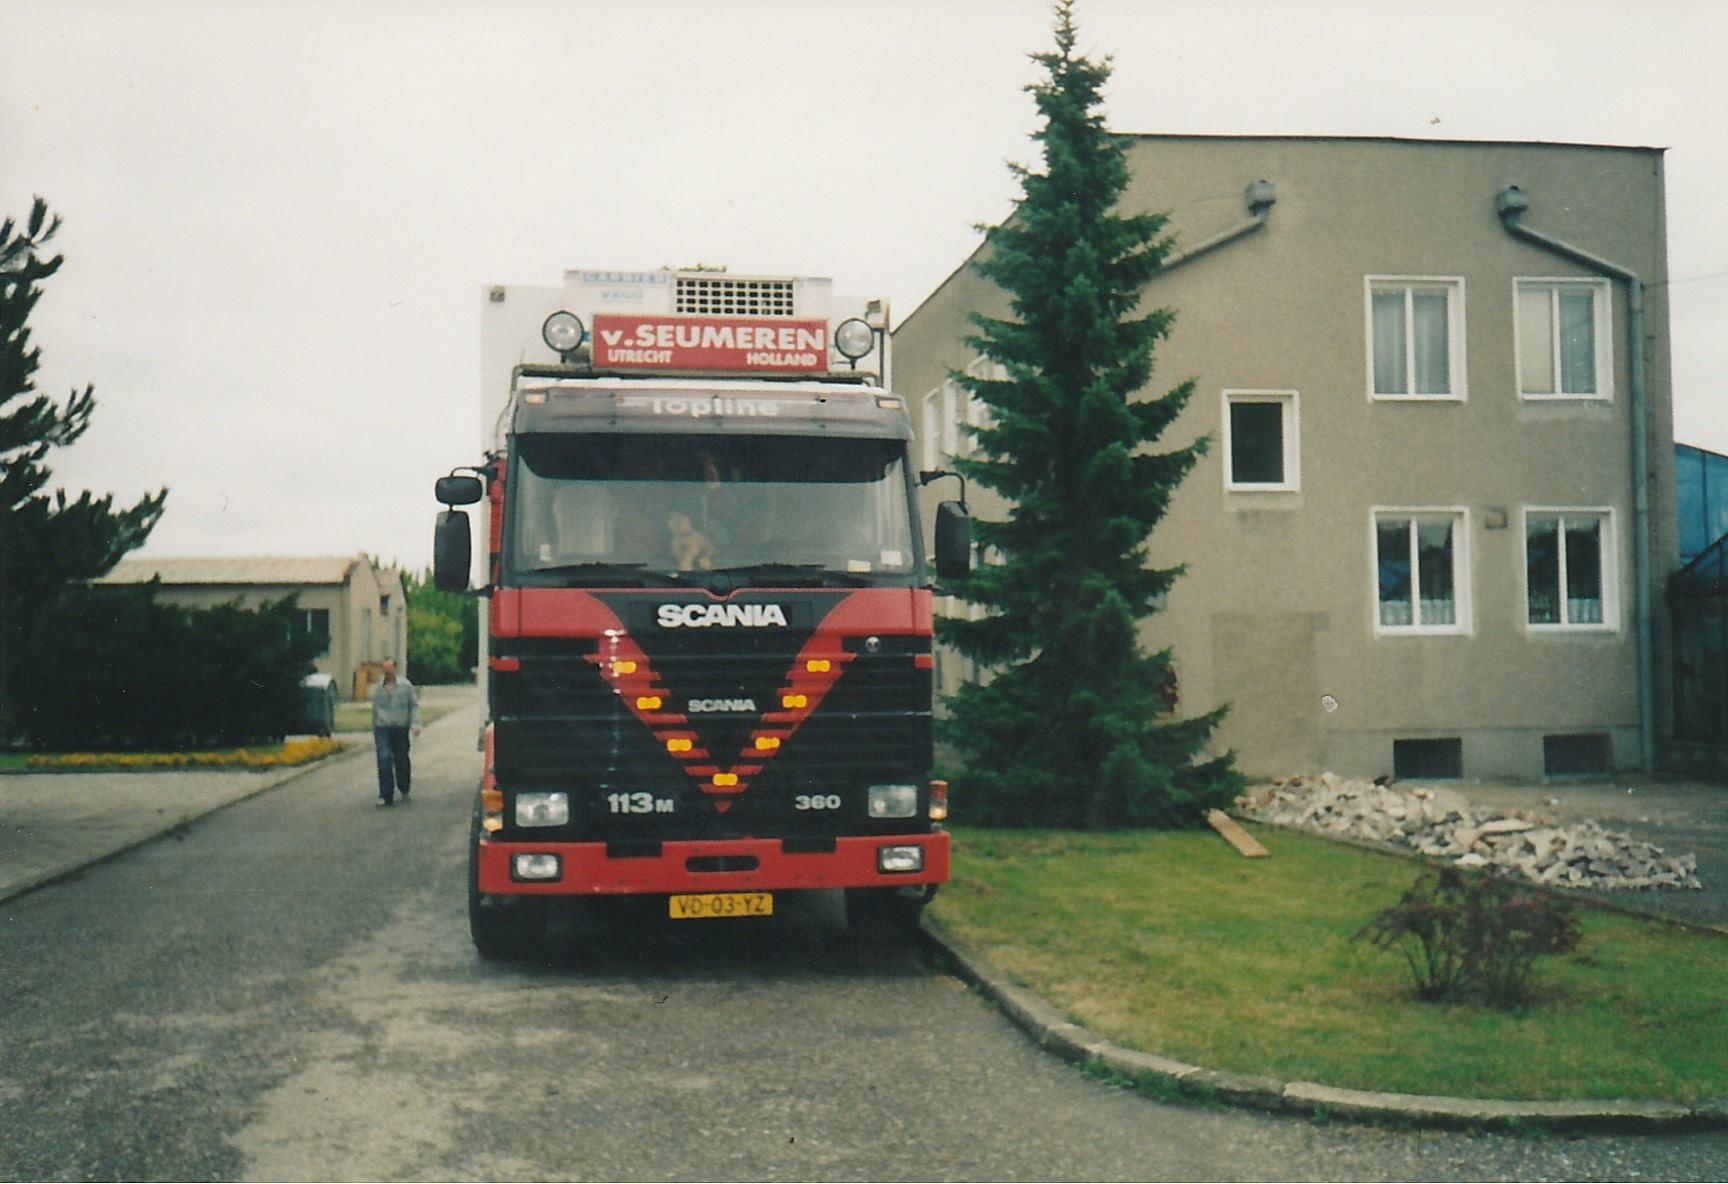 Bas-Van-de-Zouwen---lossen-bij-het-kasteel-in-kalinigrad--st-petersburg1